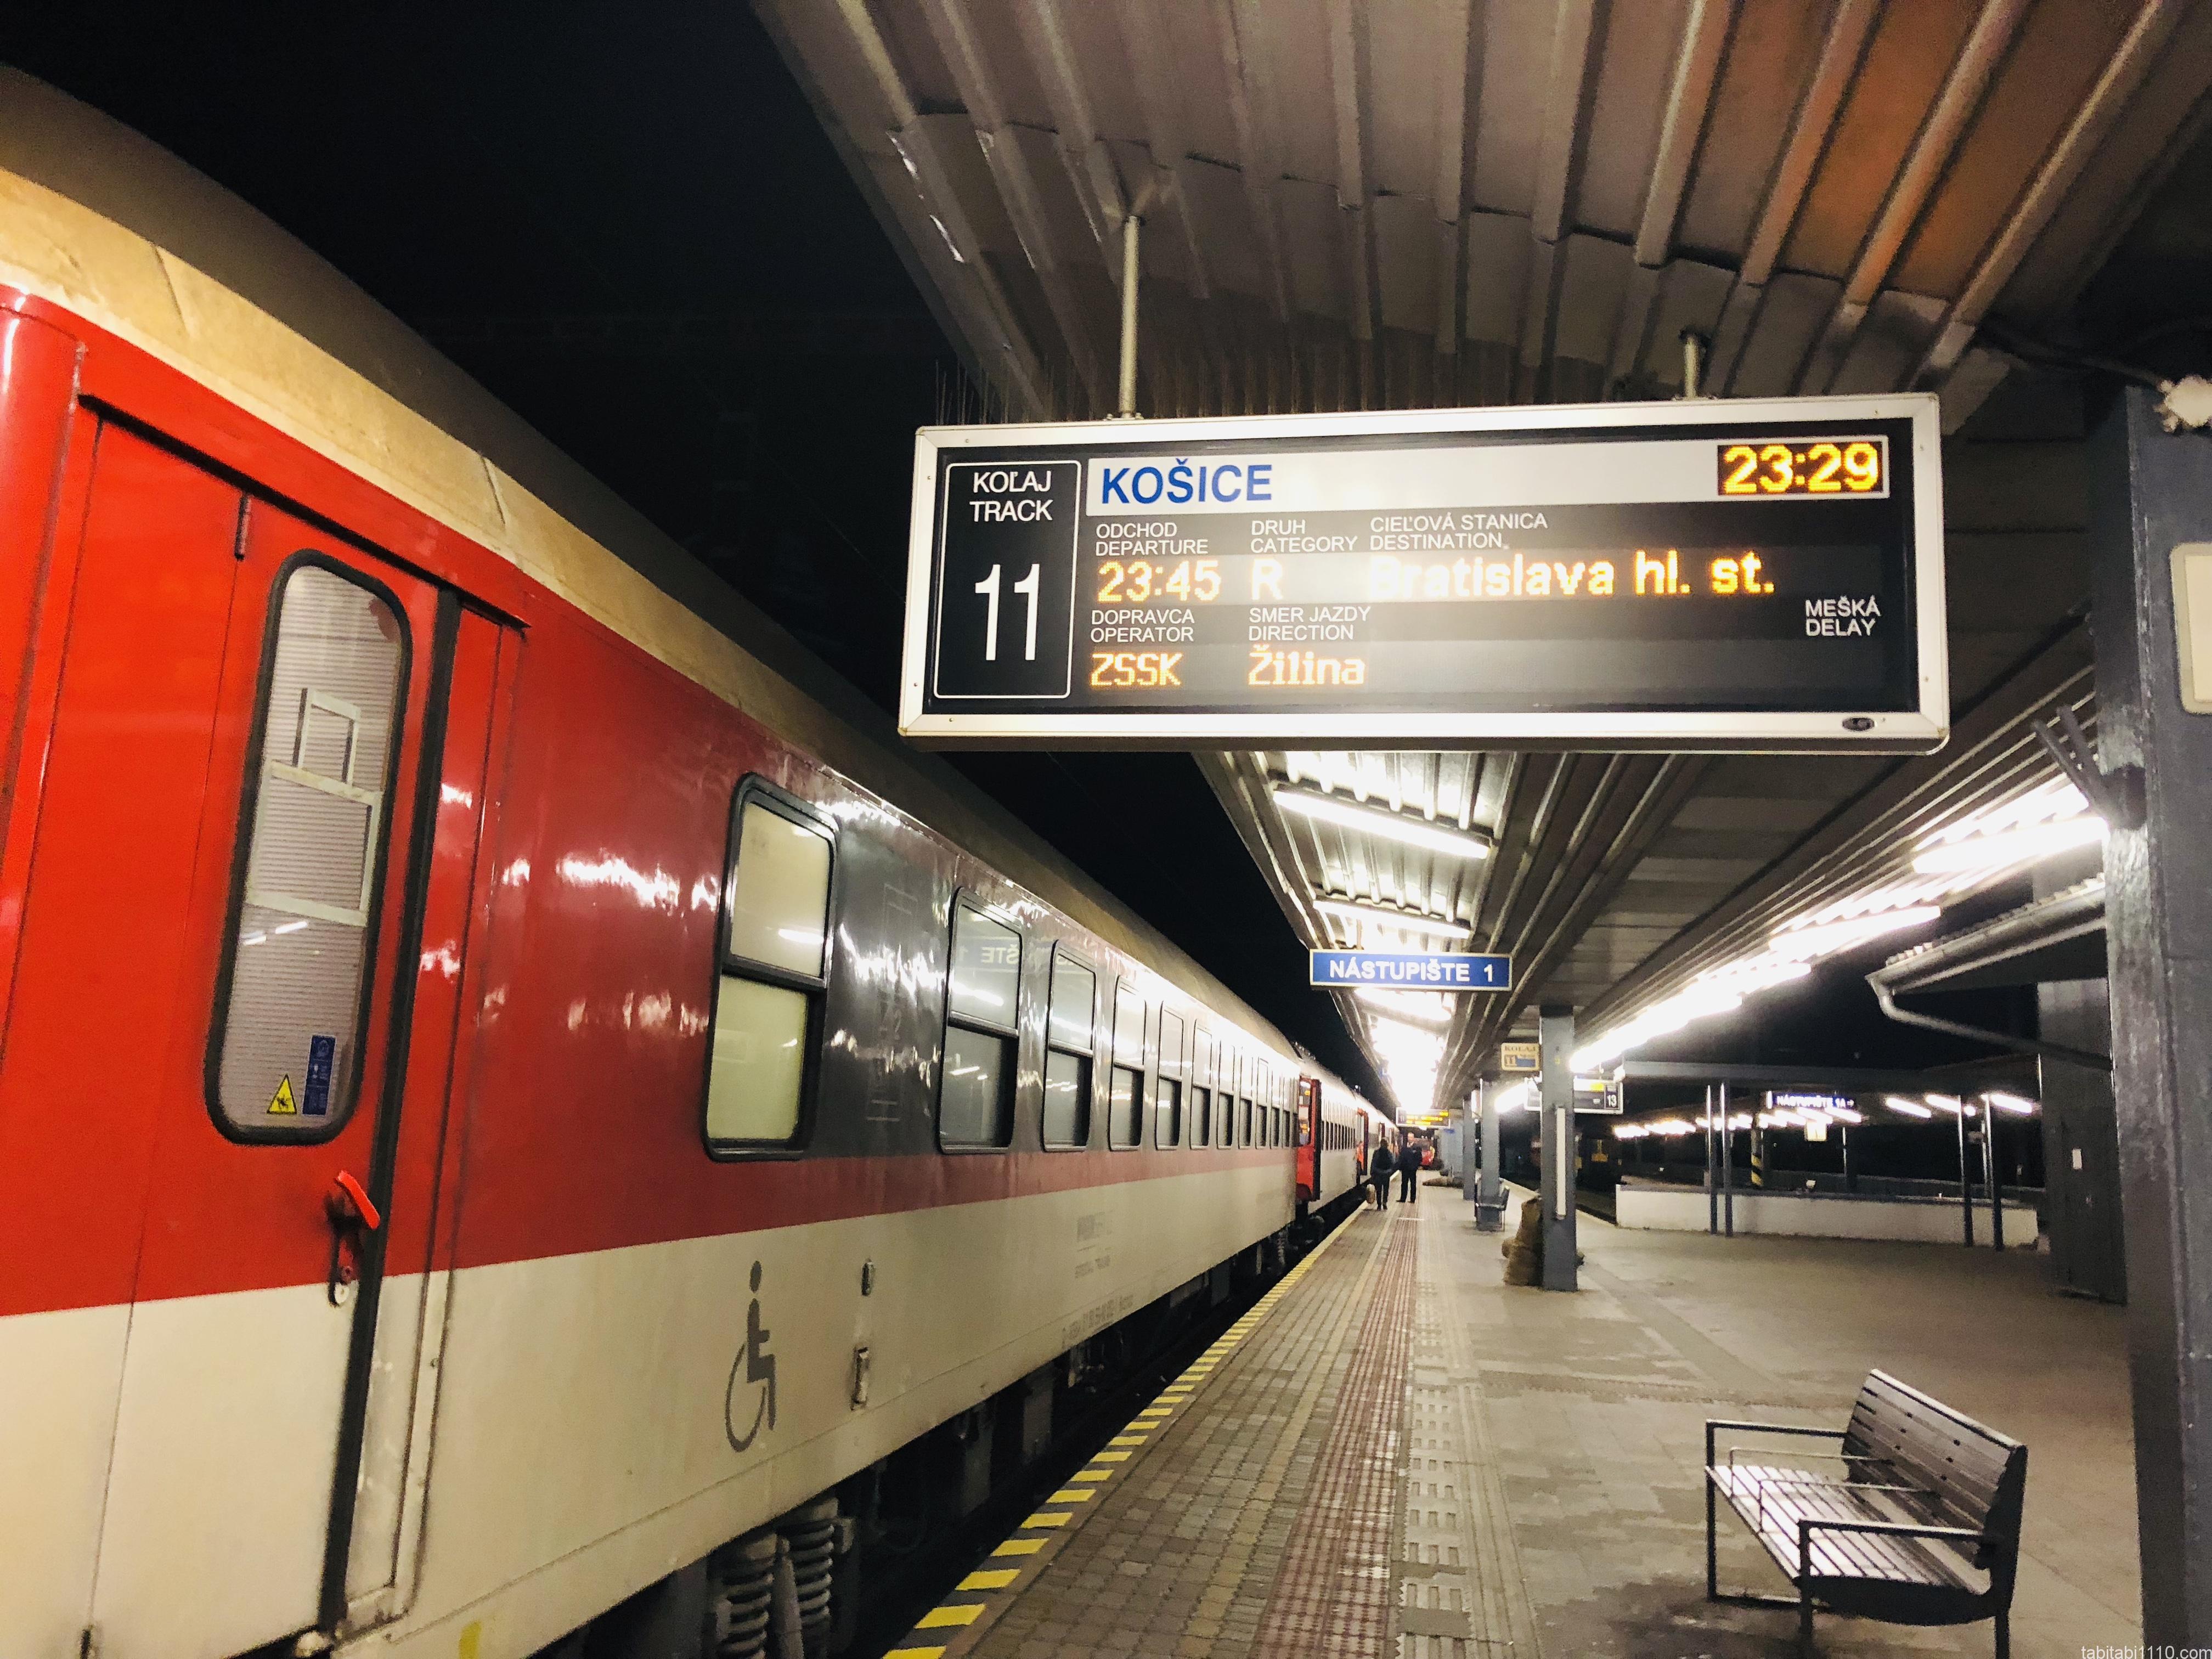 スロバキア鉄道コシツェ駅